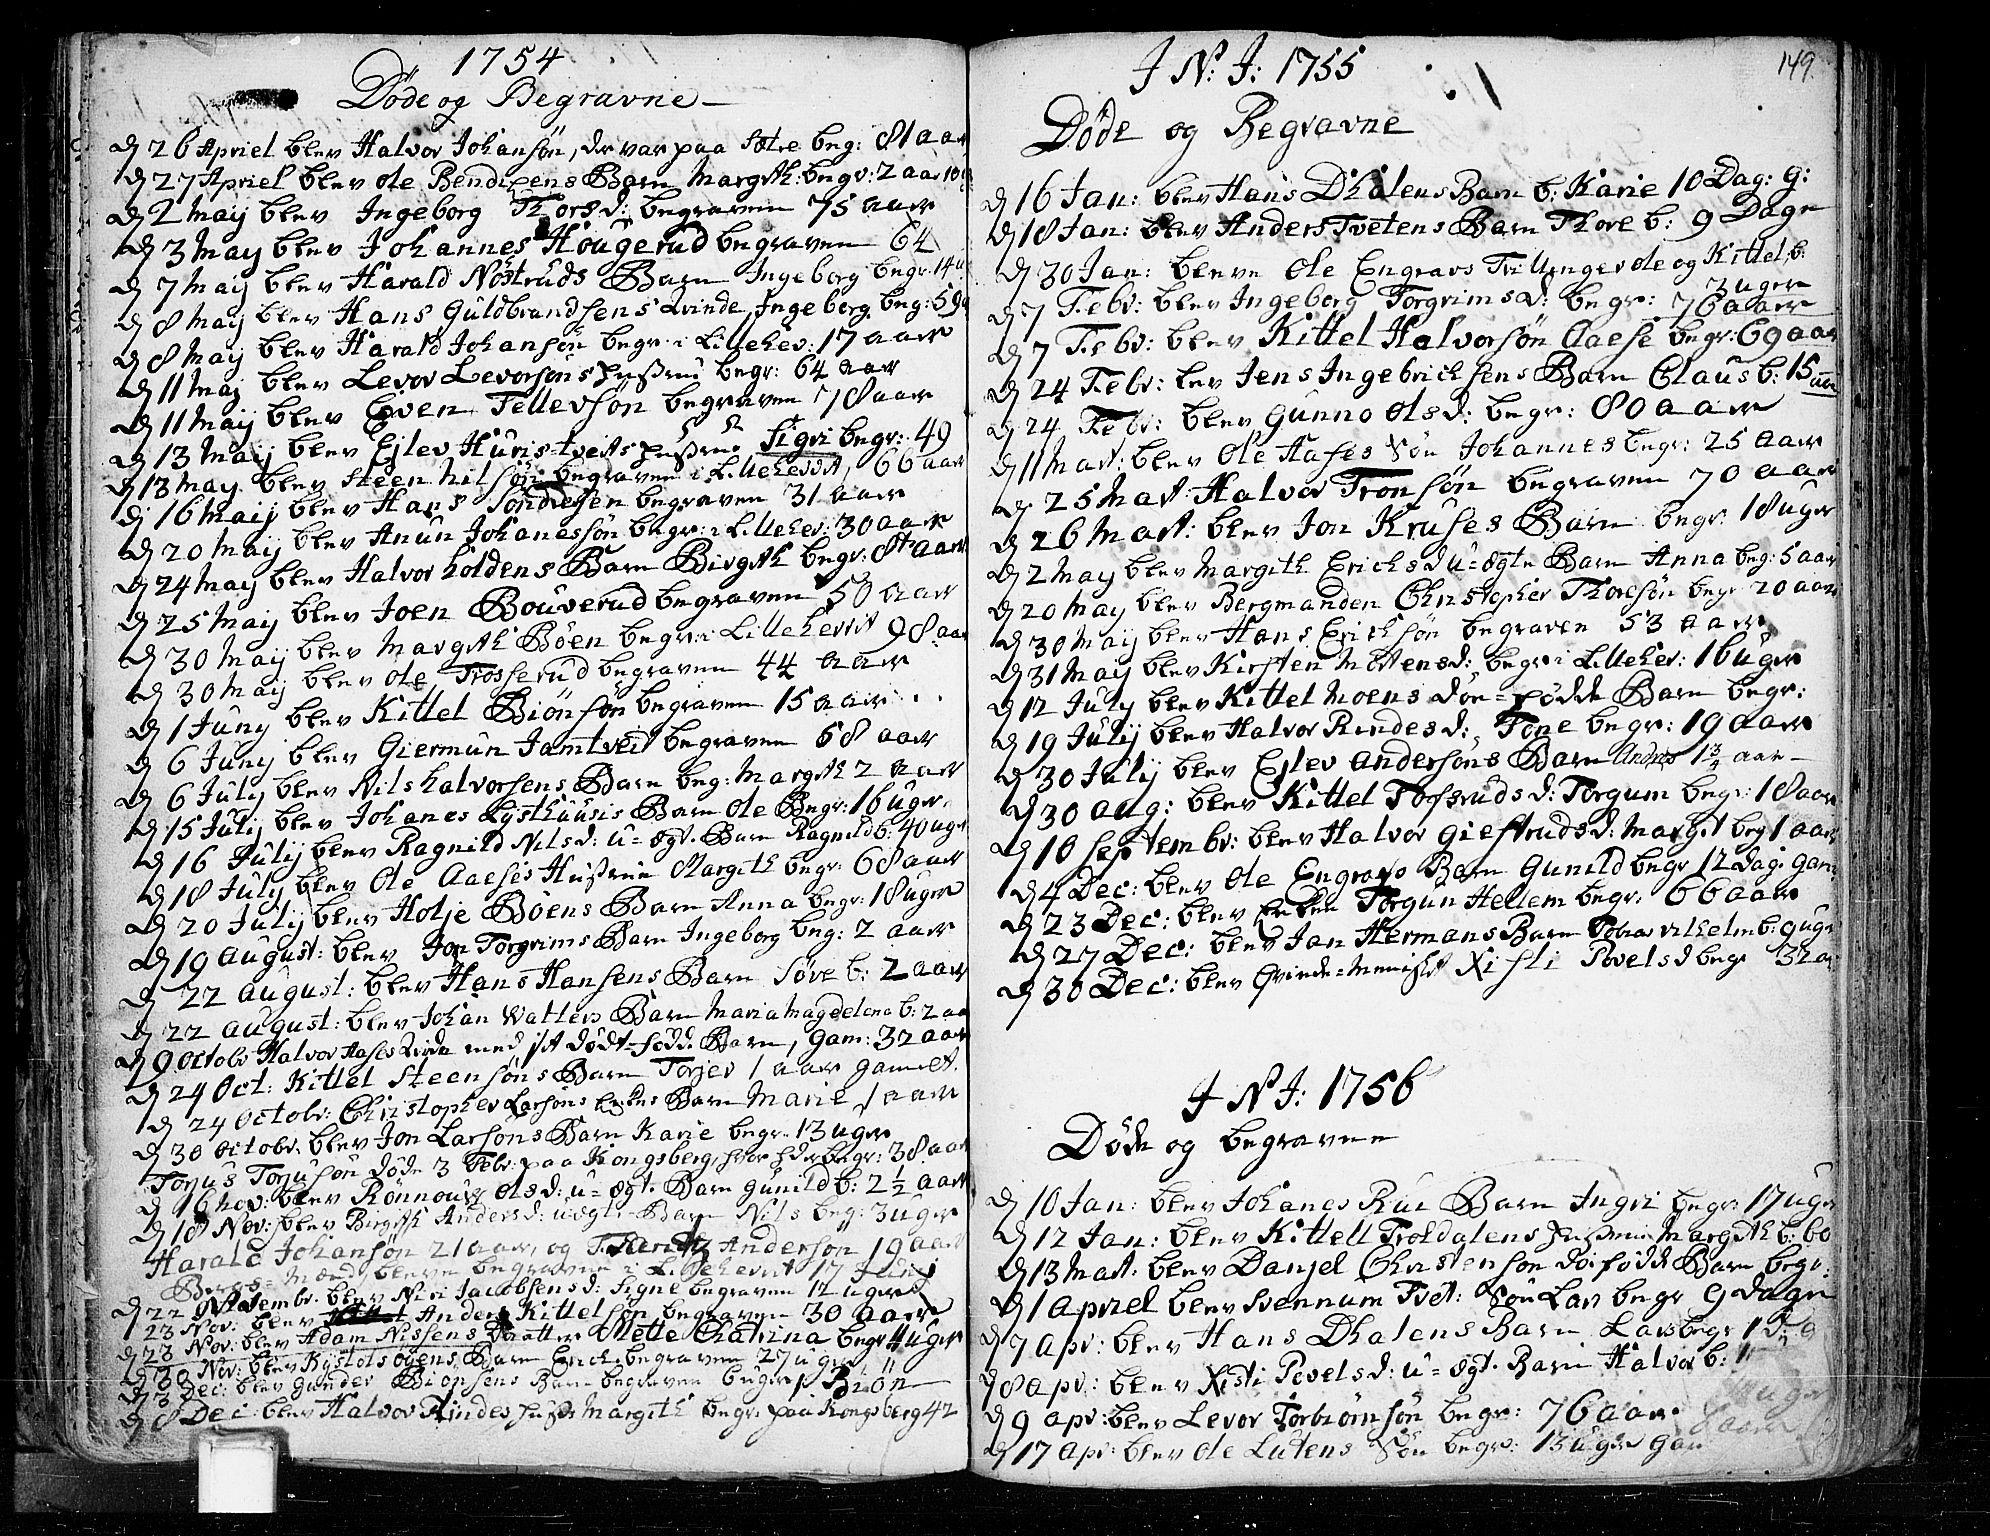 SAKO, Heddal kirkebøker, F/Fa/L0003: Ministerialbok nr. I 3, 1723-1783, s. 149